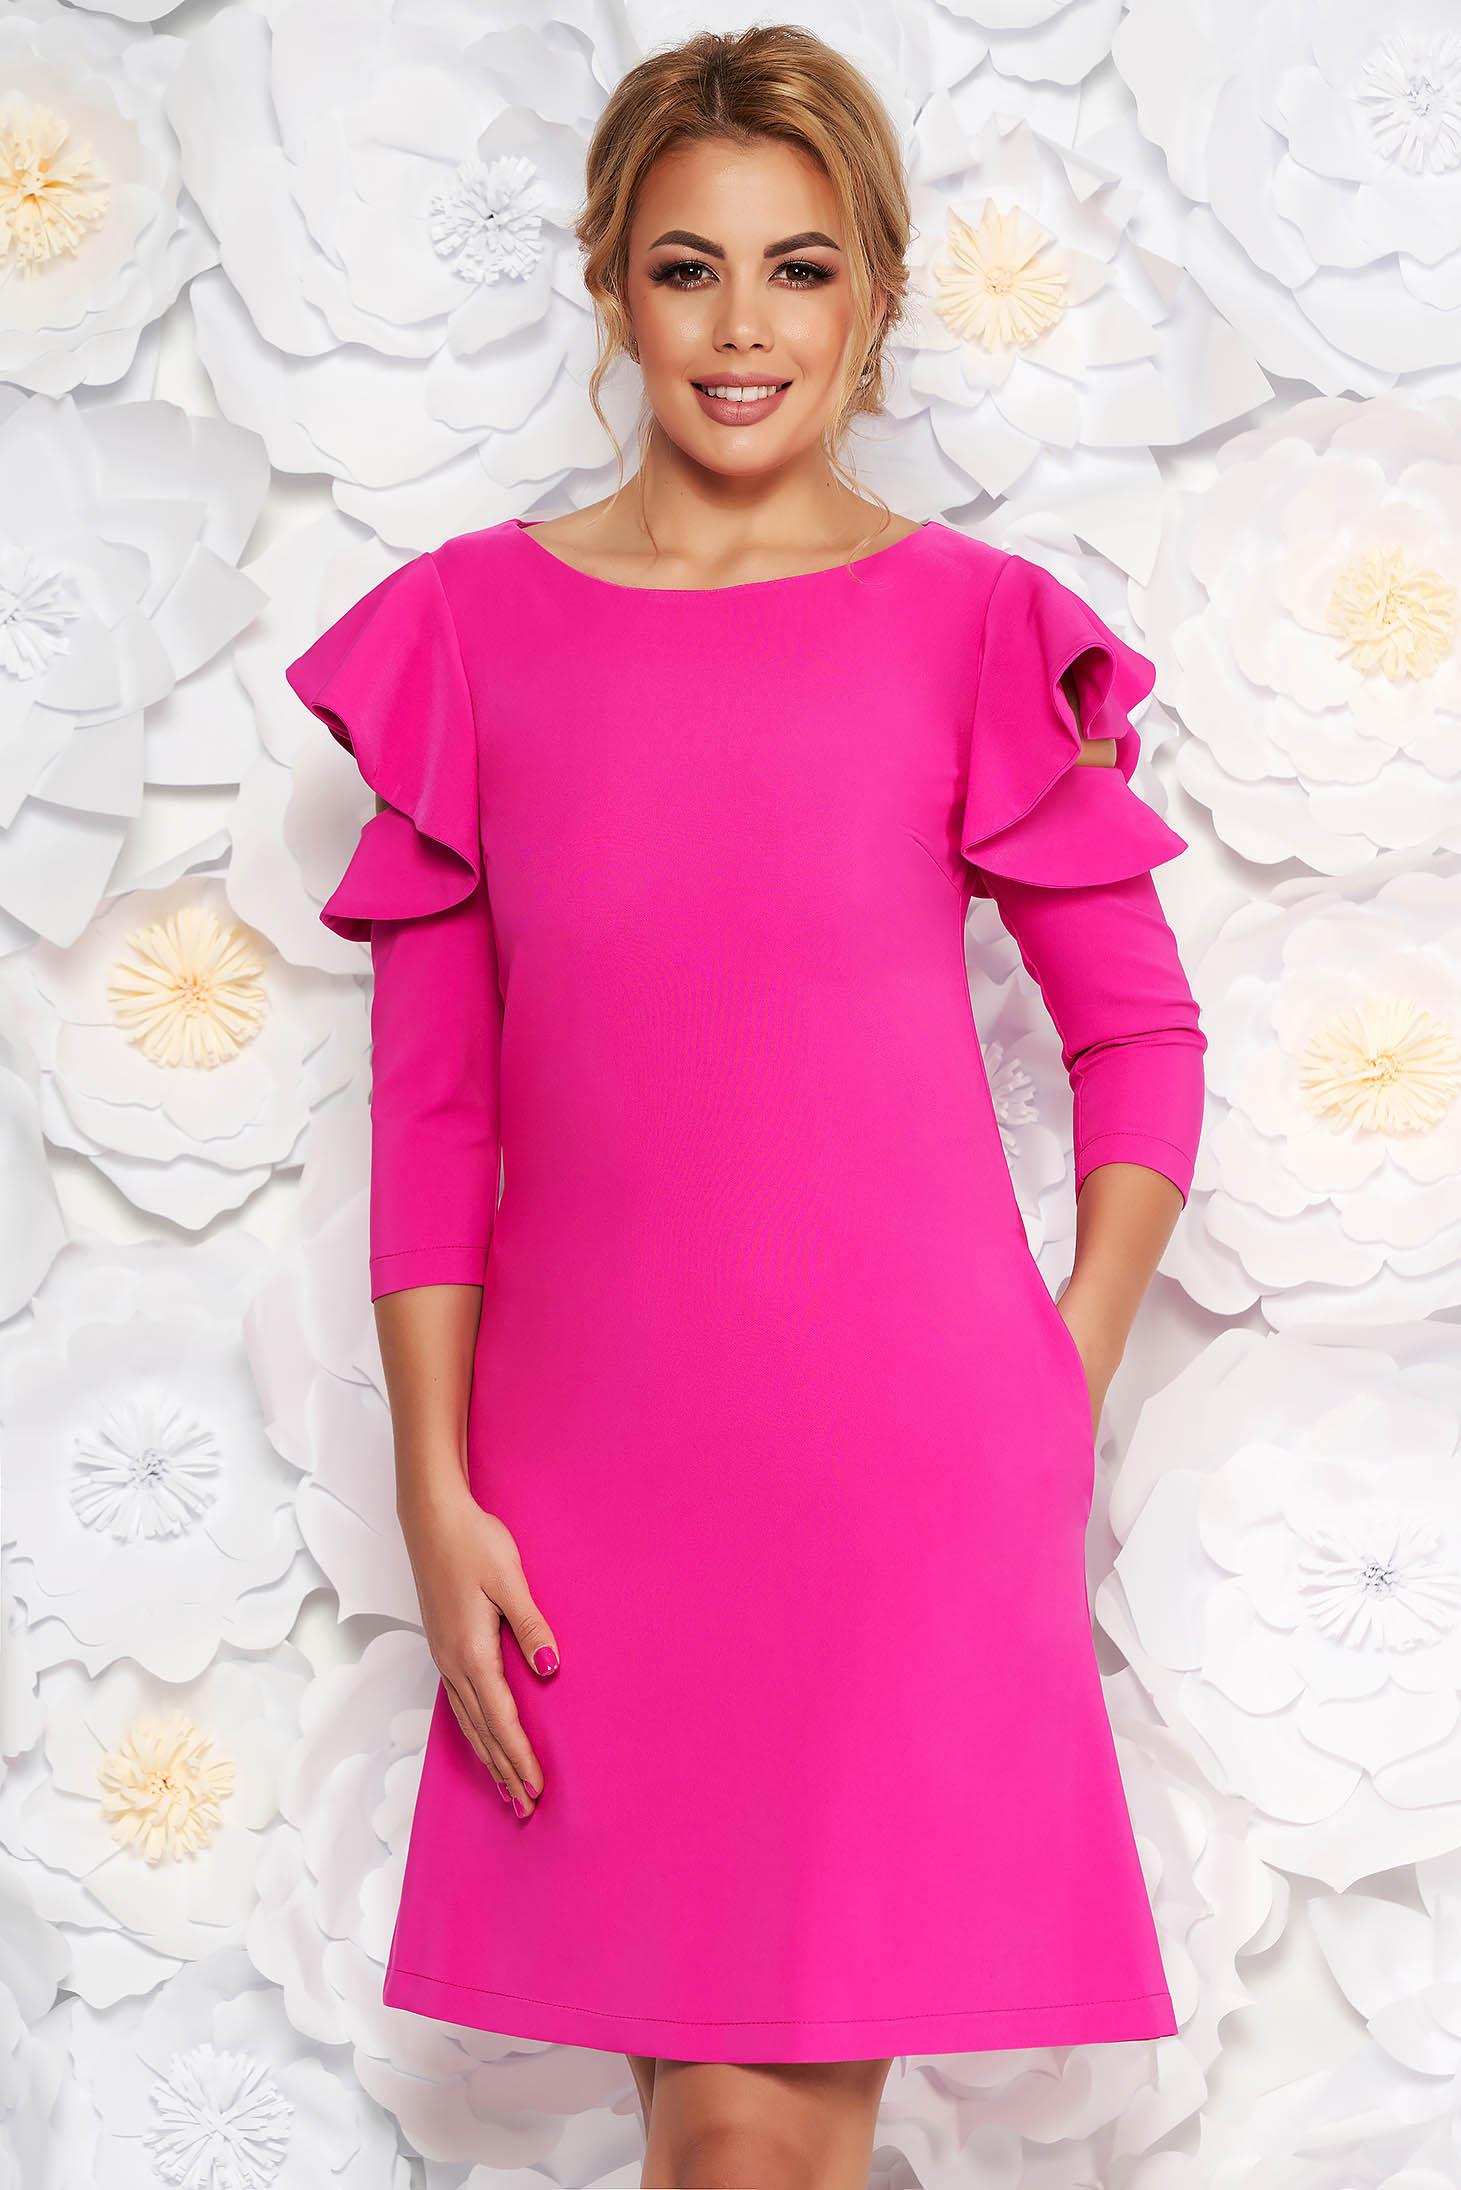 Rochie LaDonna roz eleganta de zi din stofa usor elastica cu croi in a si volanase la maneca